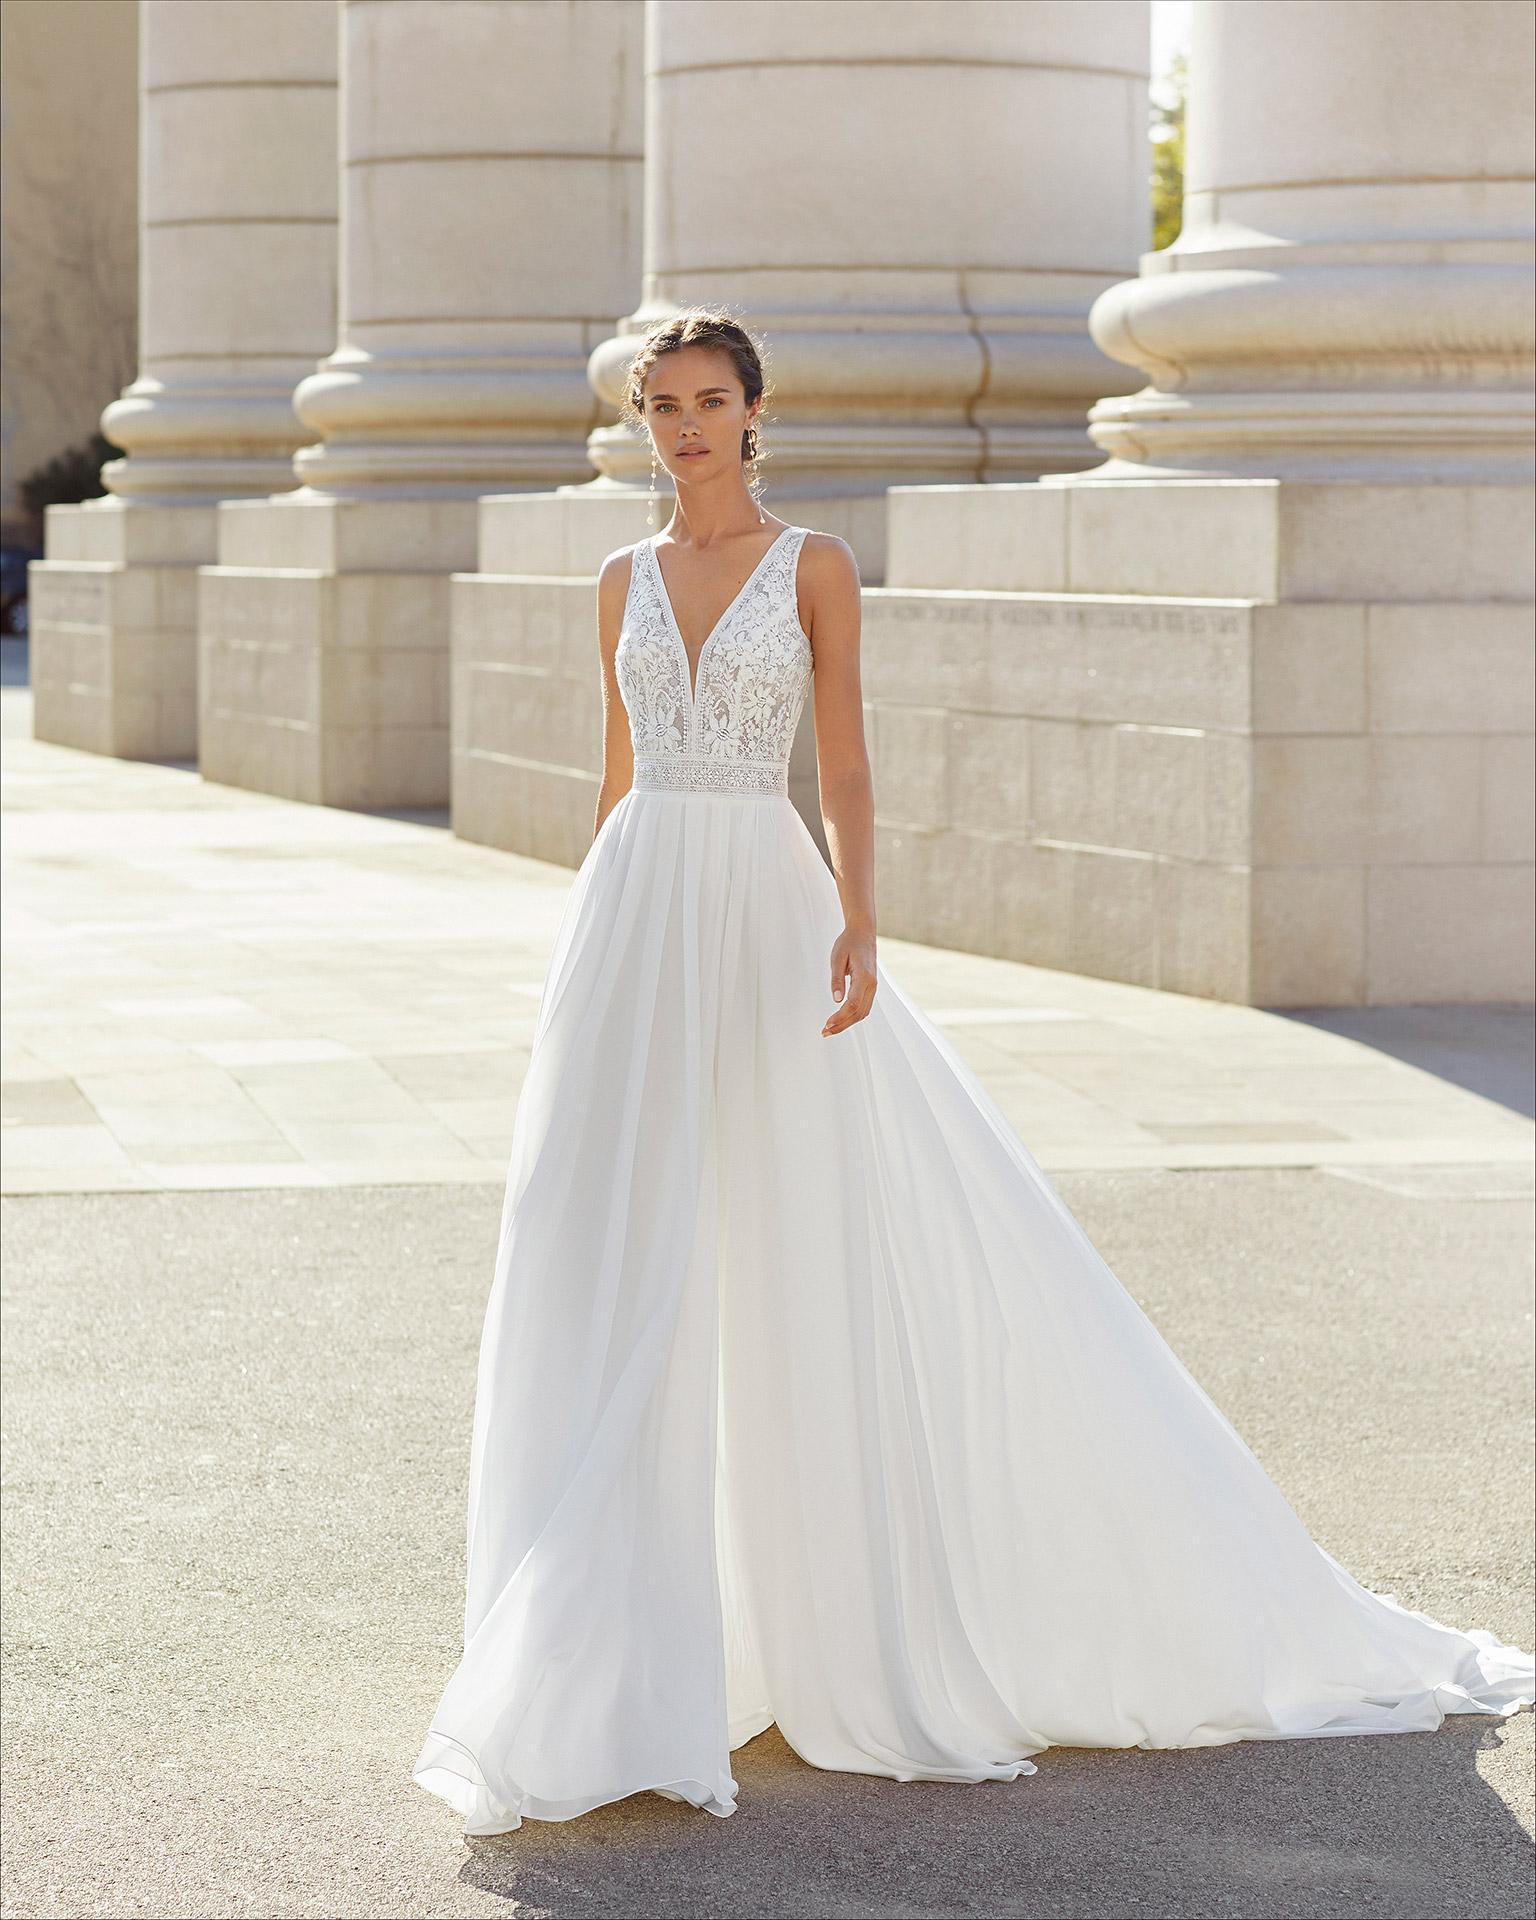 Vestido de novia corte evasé de gasa, encaje y pedrería. Escote en V con espalda transparente de tul plumeti y abertura lateral en falda. Colección  2021.